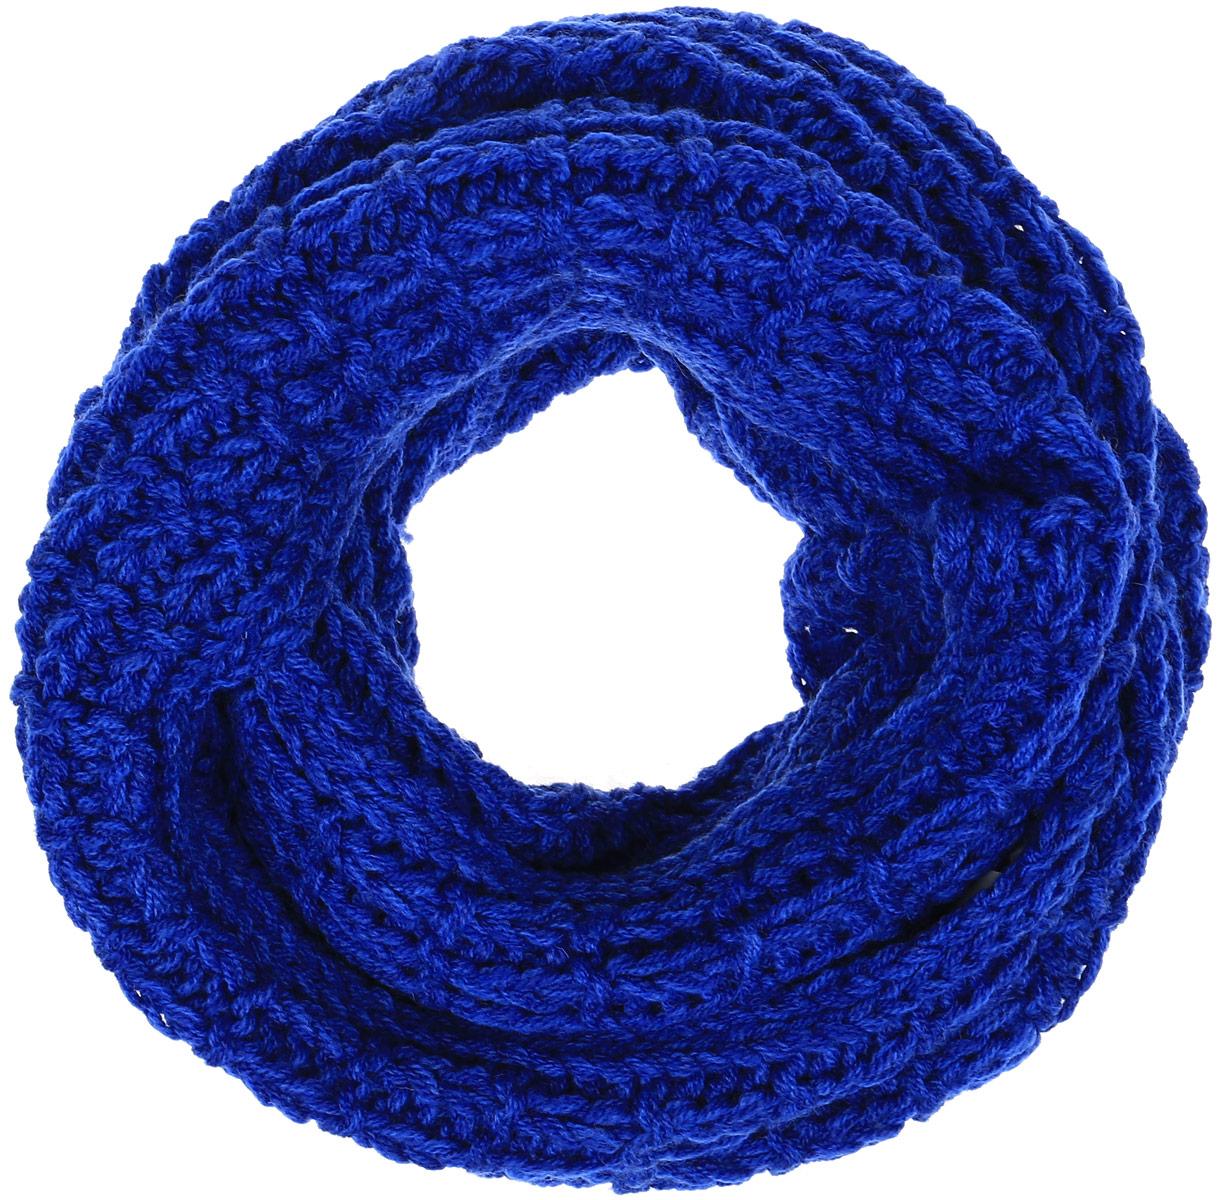 Снуд-хомут женский Baon, цвет: синий. B330. Размер 125 см х 80 смB330_MAJOLICA BLUEЖенский вязаный снуд-хомут Baon выполнен из высококачественной пряжи из шерсти и акрила. Модель связана кольцом и имеет крупную свободную вязку